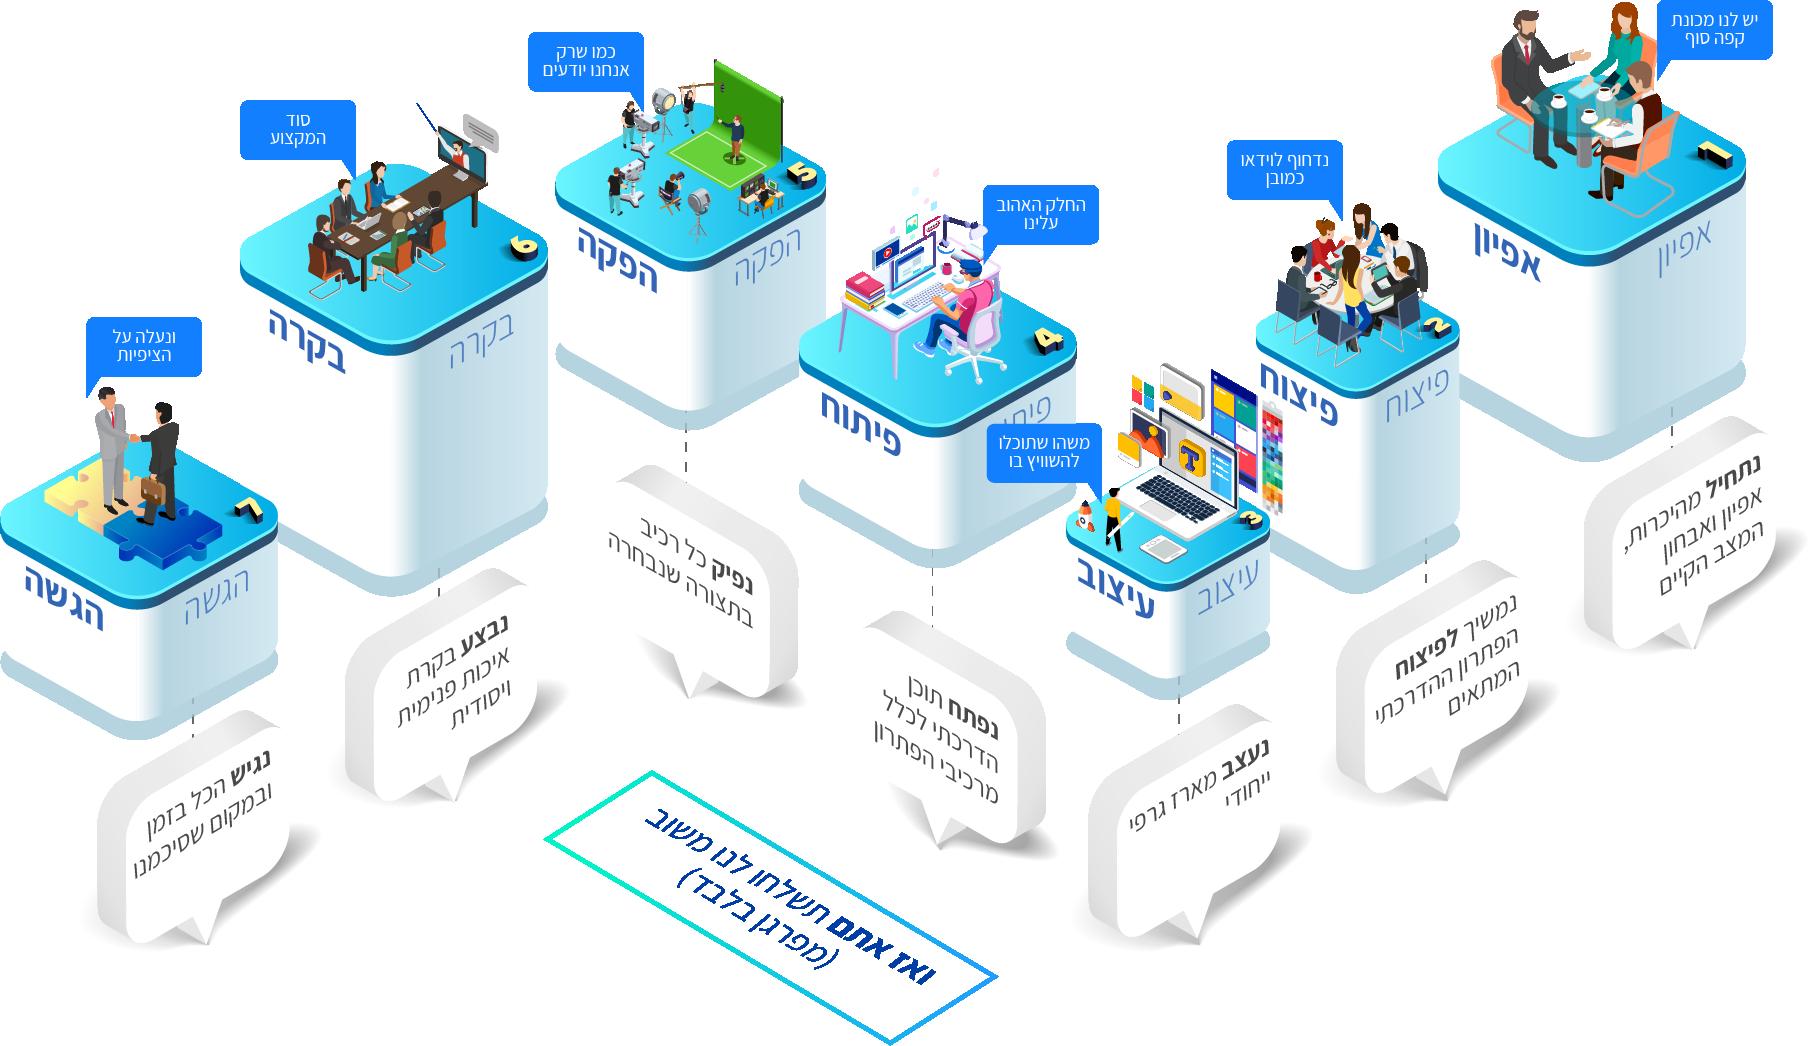 תהליך פיתוח והפקת תוצרי למידה ווב אקדמיקס